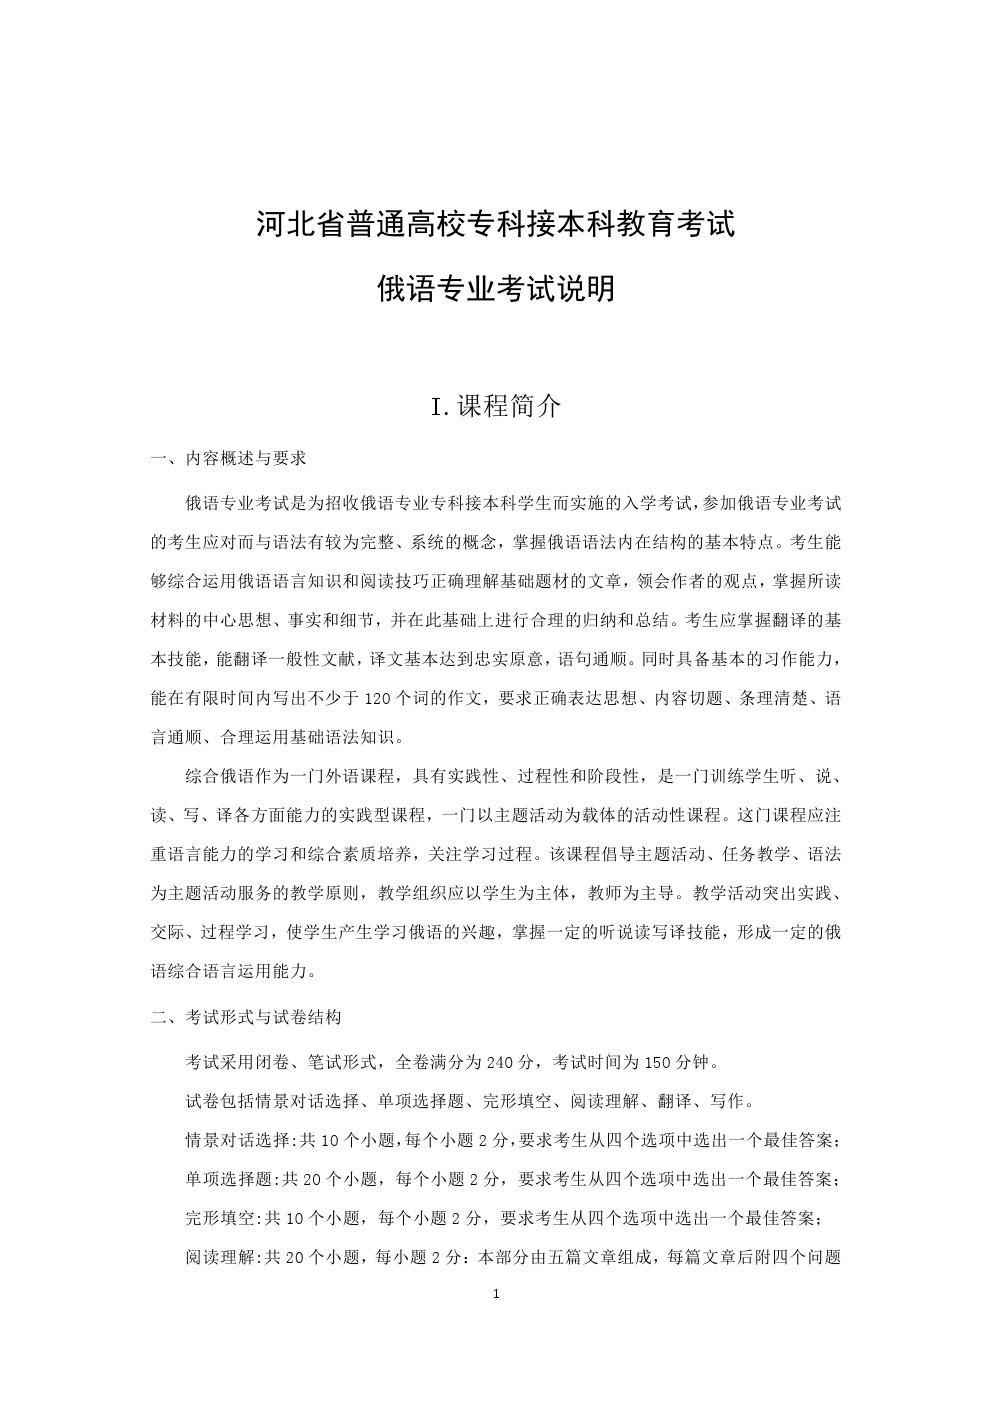 2020年河北省专接本考试外语类-俄语专业考试说明